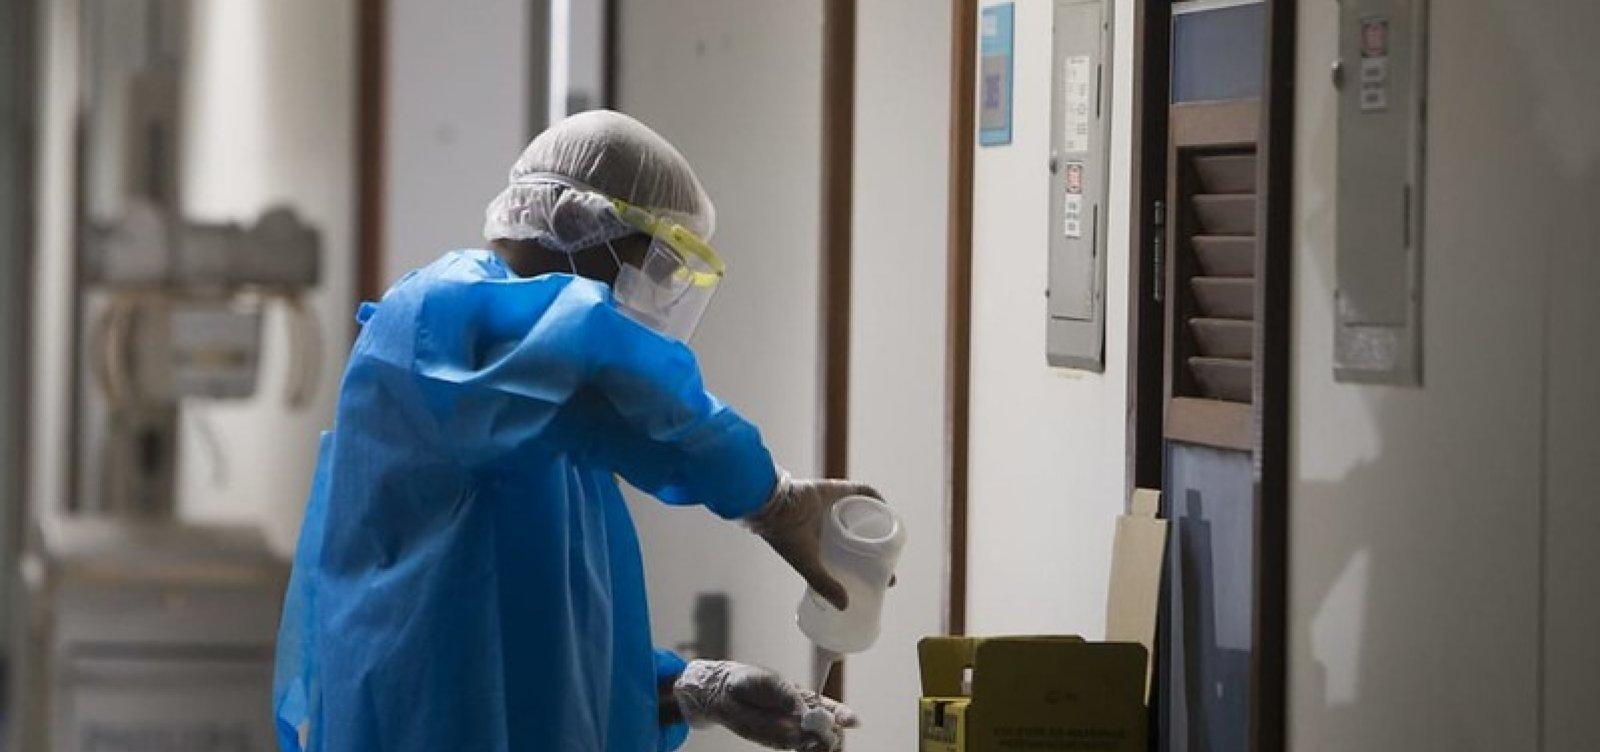 Bahia registra mais 653 casos de Covid-19 e 22 mortes pela doença nas últimas 24h